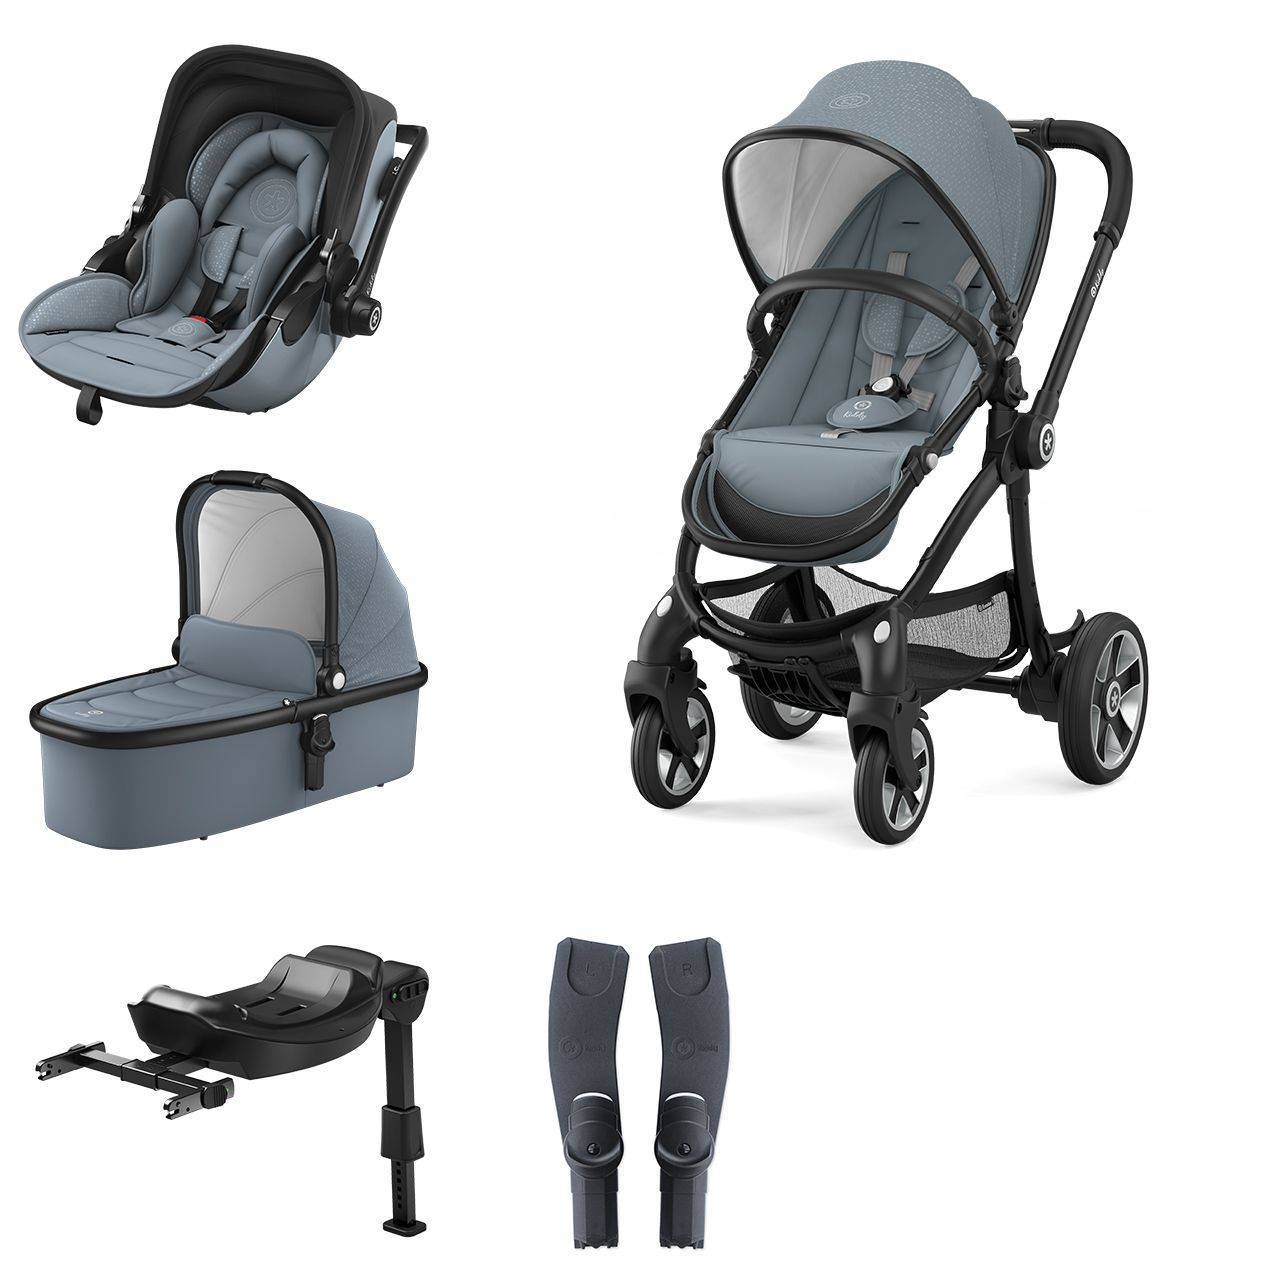 Wanneer Mag Een Baby In Een Kinderstoel.E Stijlvolste En Trendy Kinderwagen Van Dit Moment De